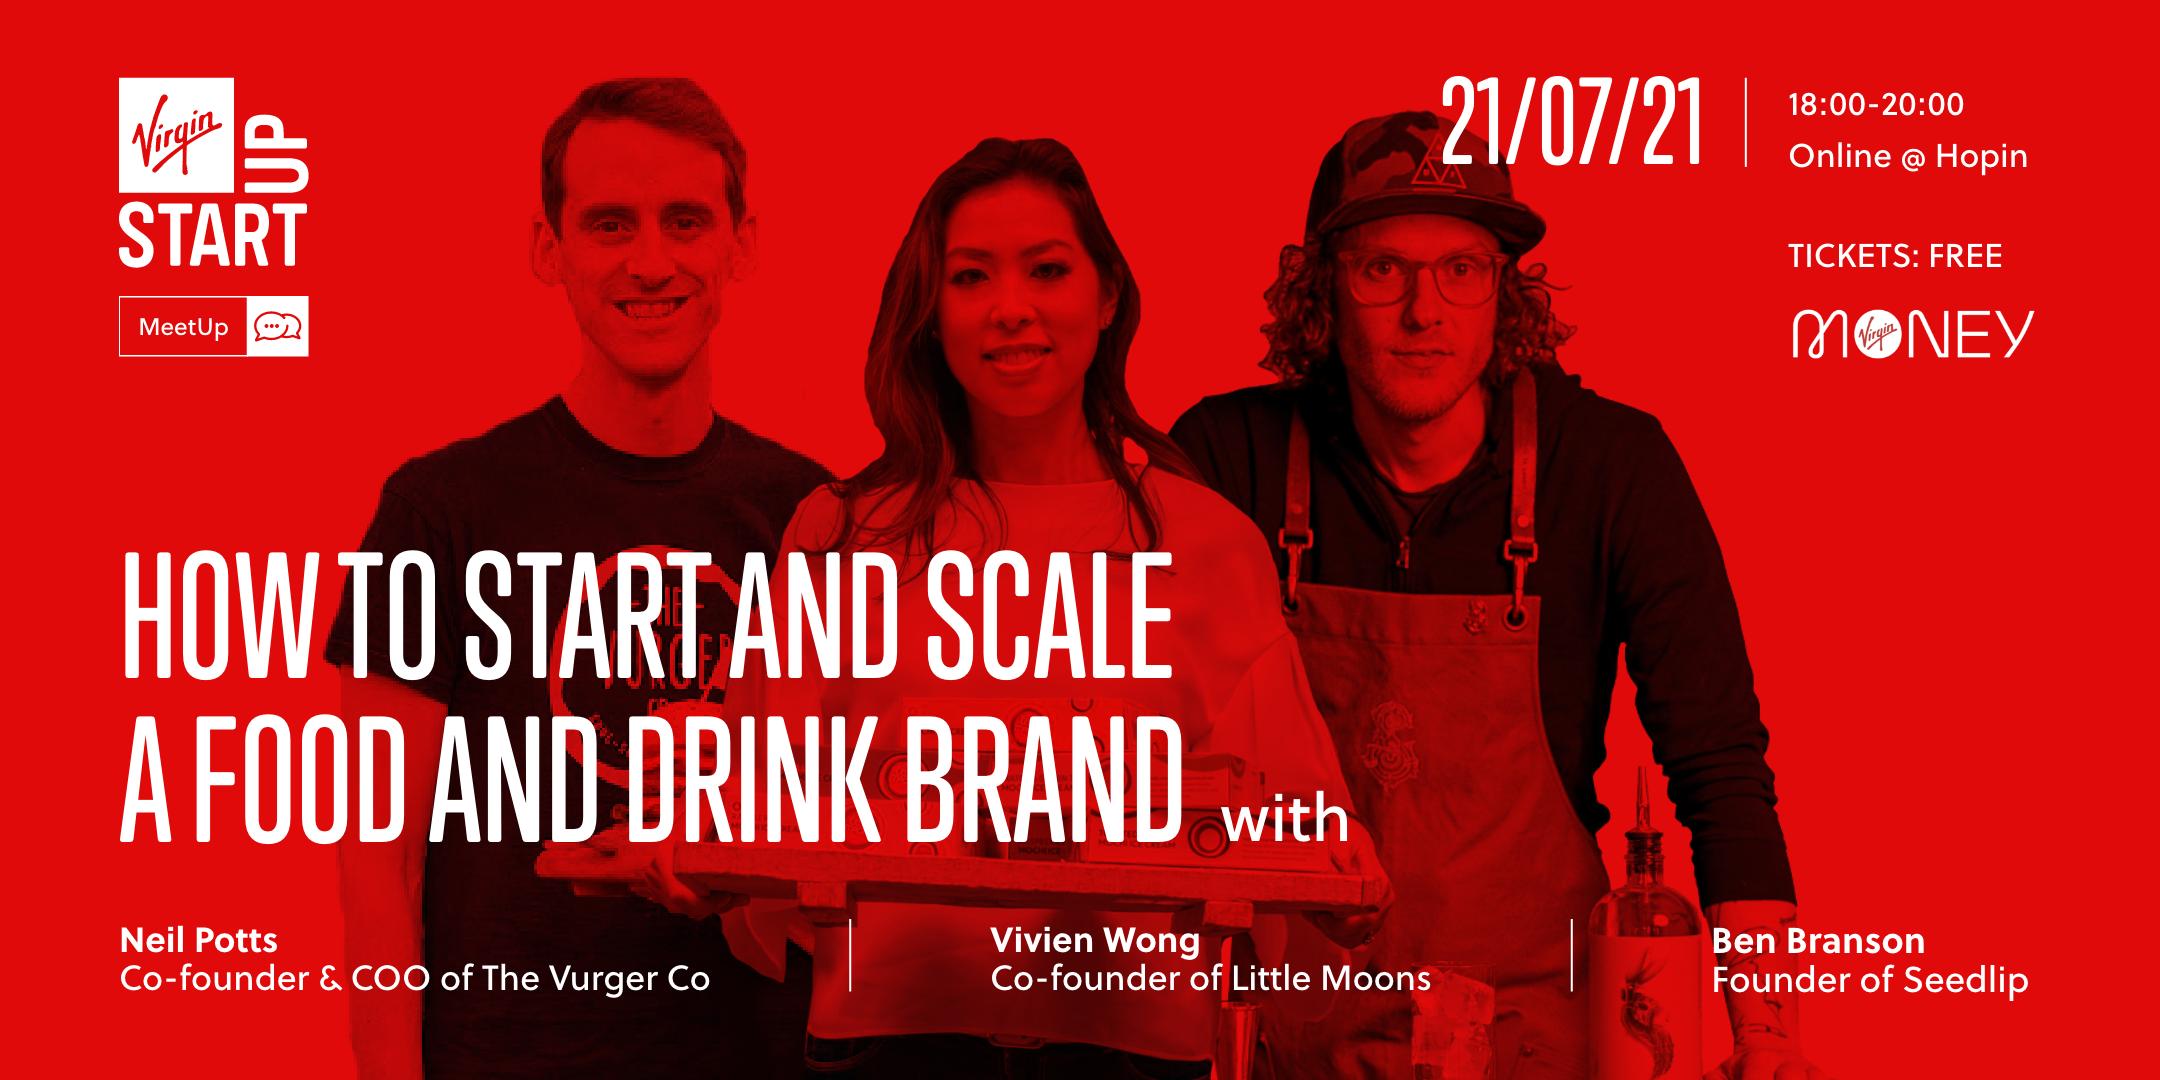 Virgin StartUp MeetUp